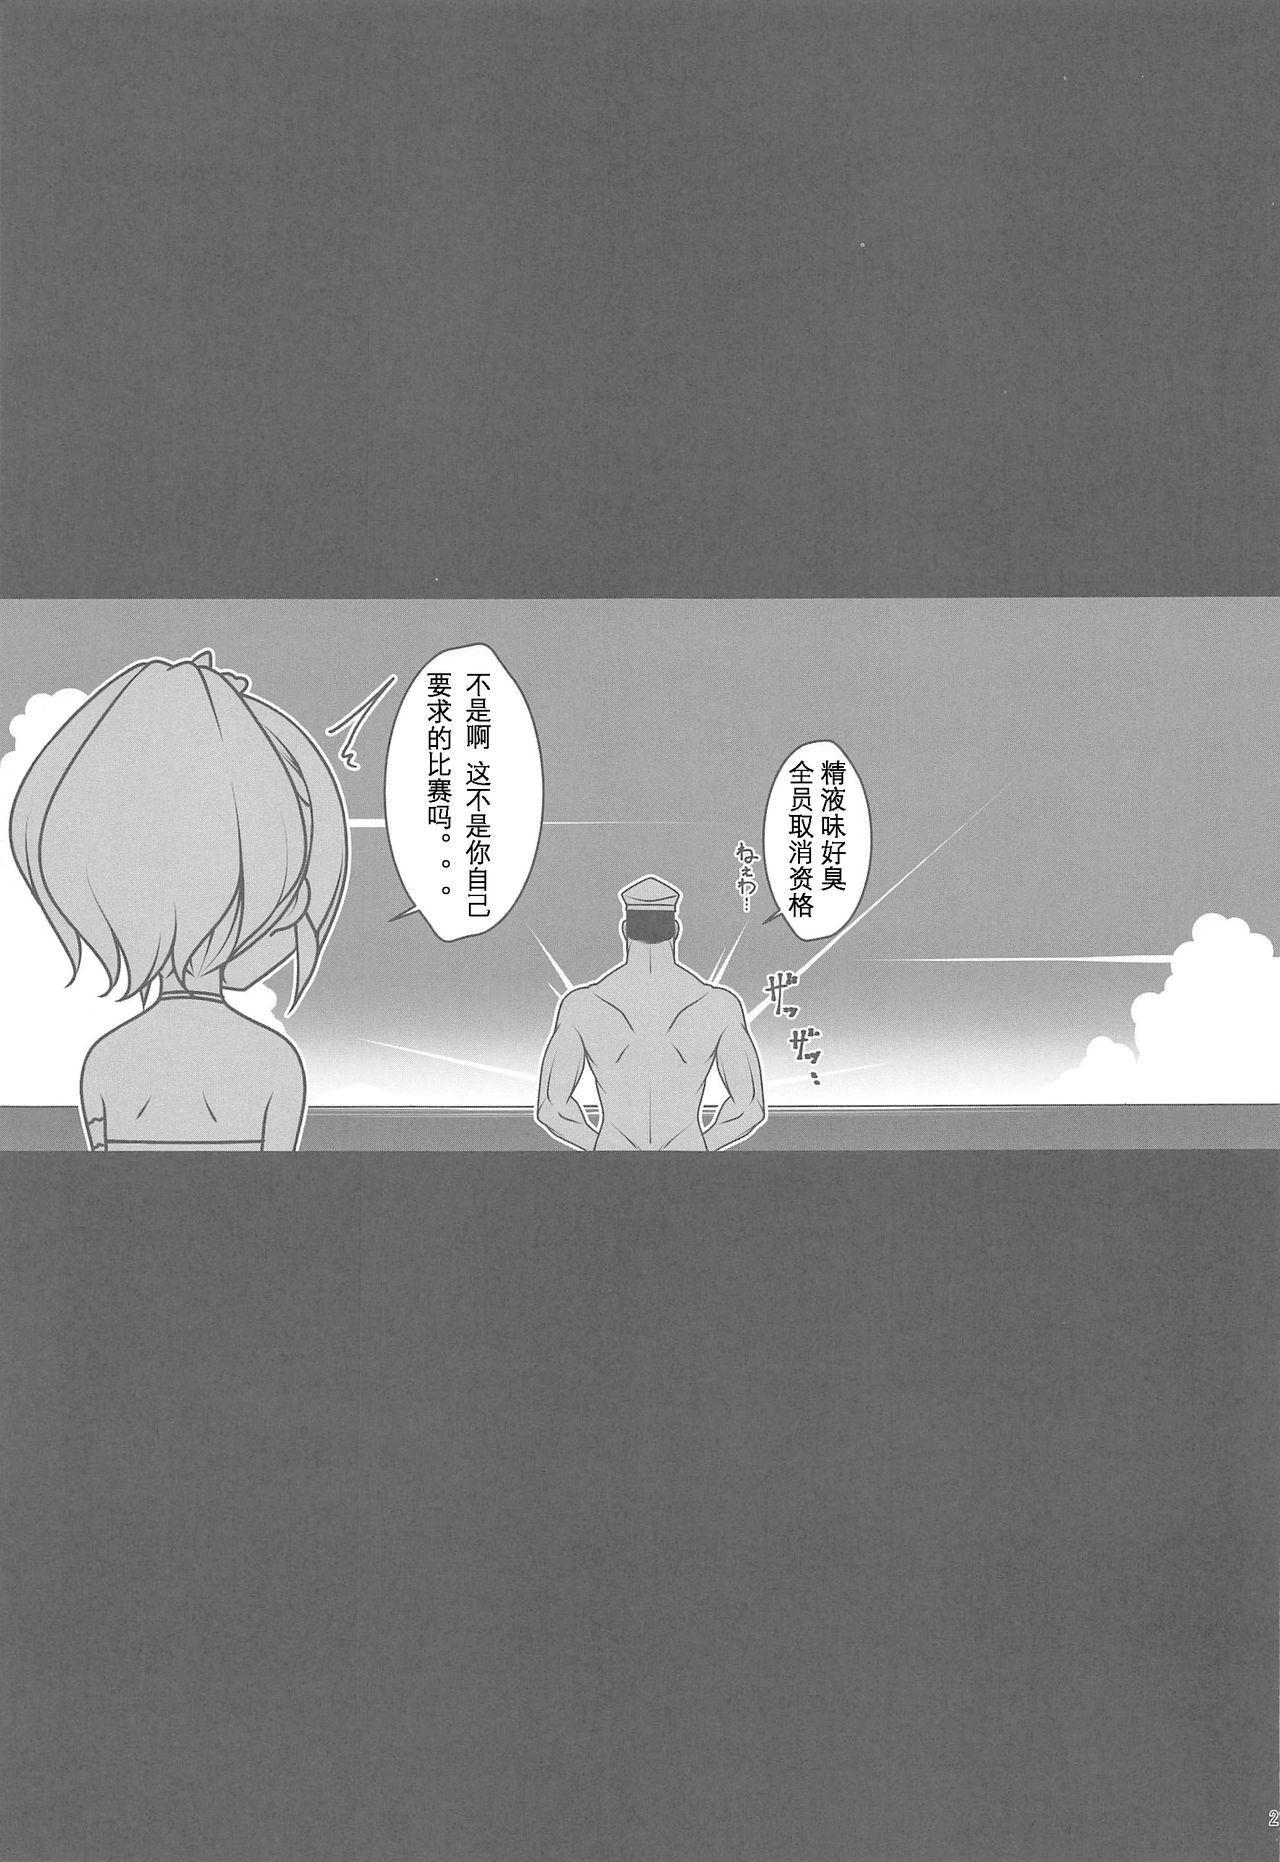 Doki Mizugi Darake no Hishokan Soudatsusen Zoku Hishokan no Himitsu 19